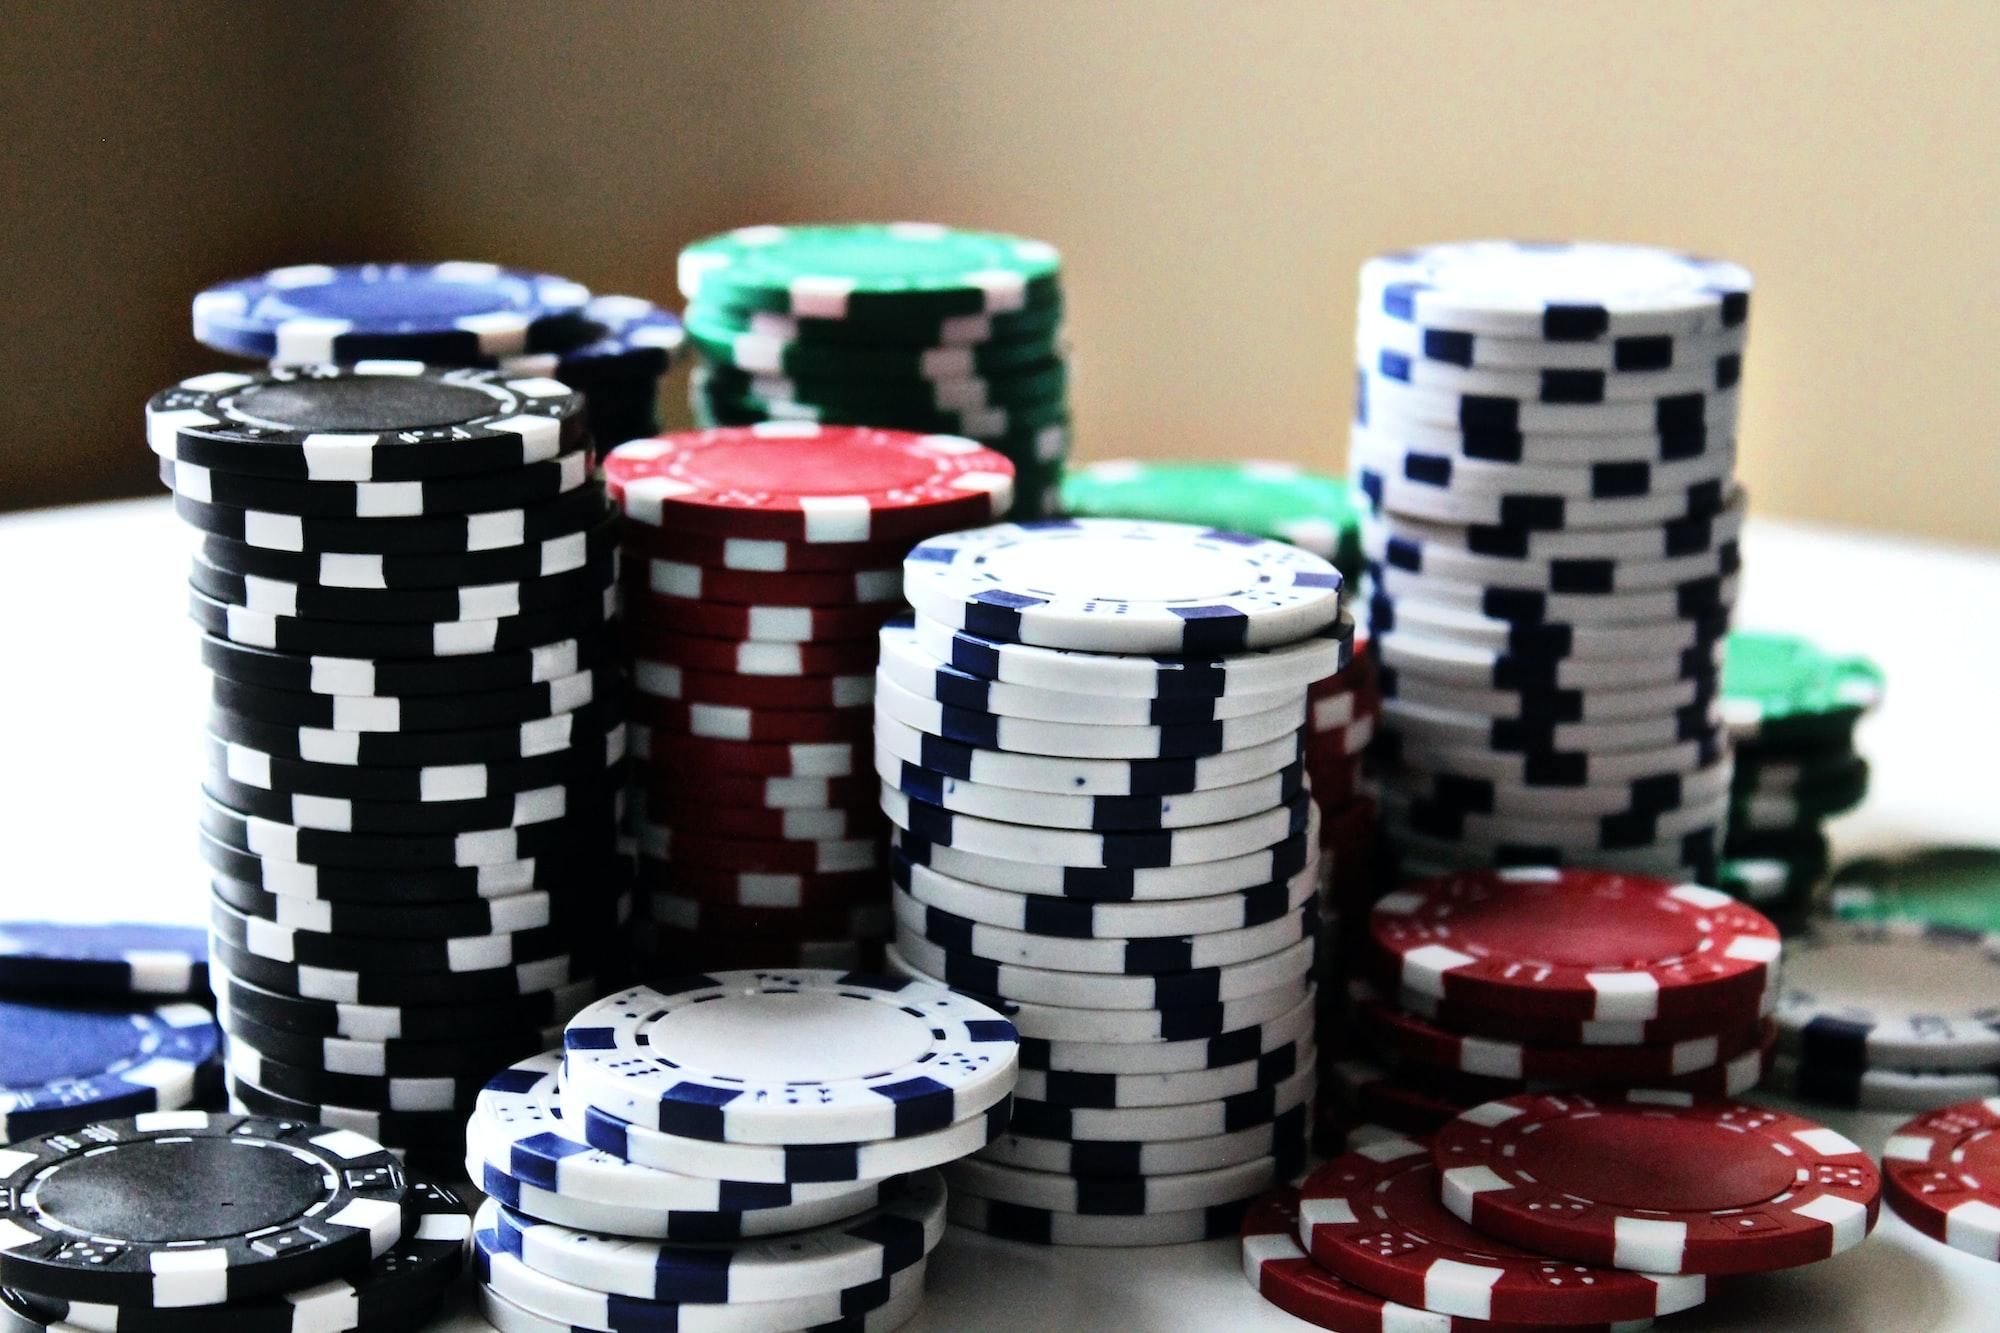 Poker, Konken Gibi Kimi Oyunlarda Aynı Cins İki Kağıda Verilen Ad Bulmaca Anlamı Nedir?